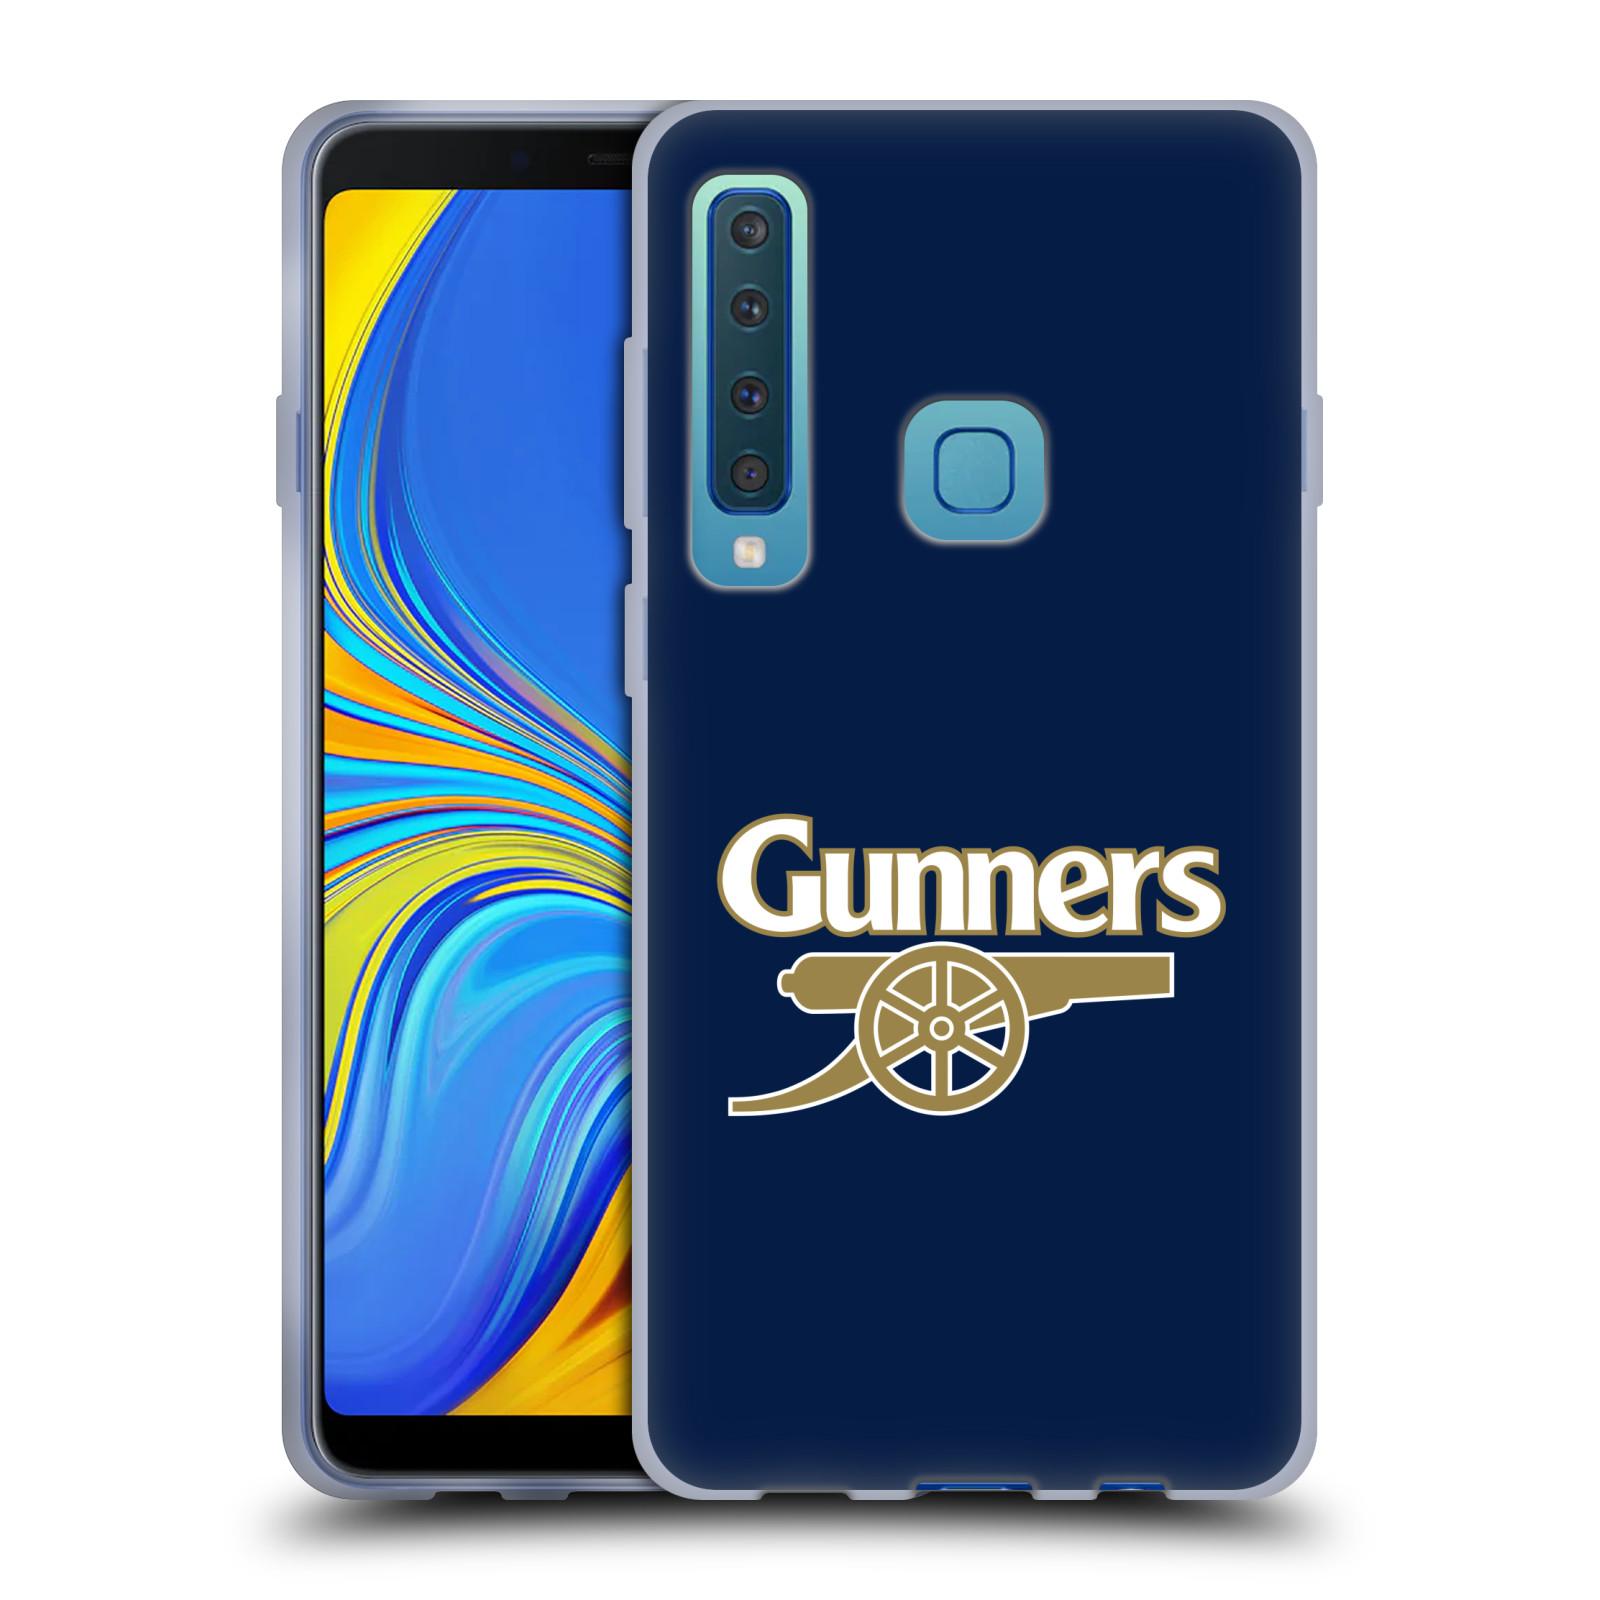 Silikonové pouzdro na mobil Samsung Galaxy A9 (2018) - Head Case - Arsenal FC - Gunners